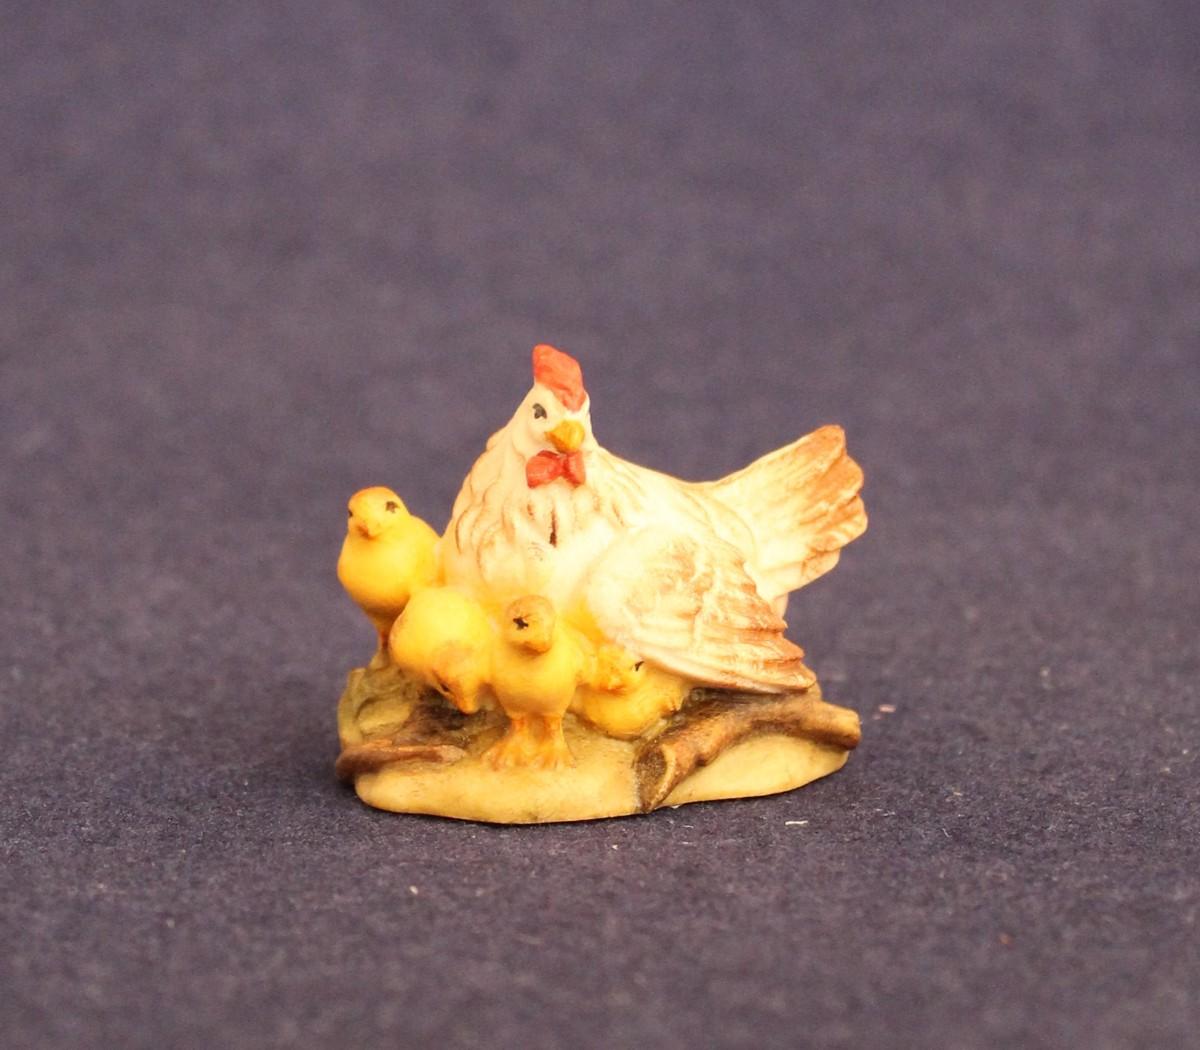 Crouched chicken